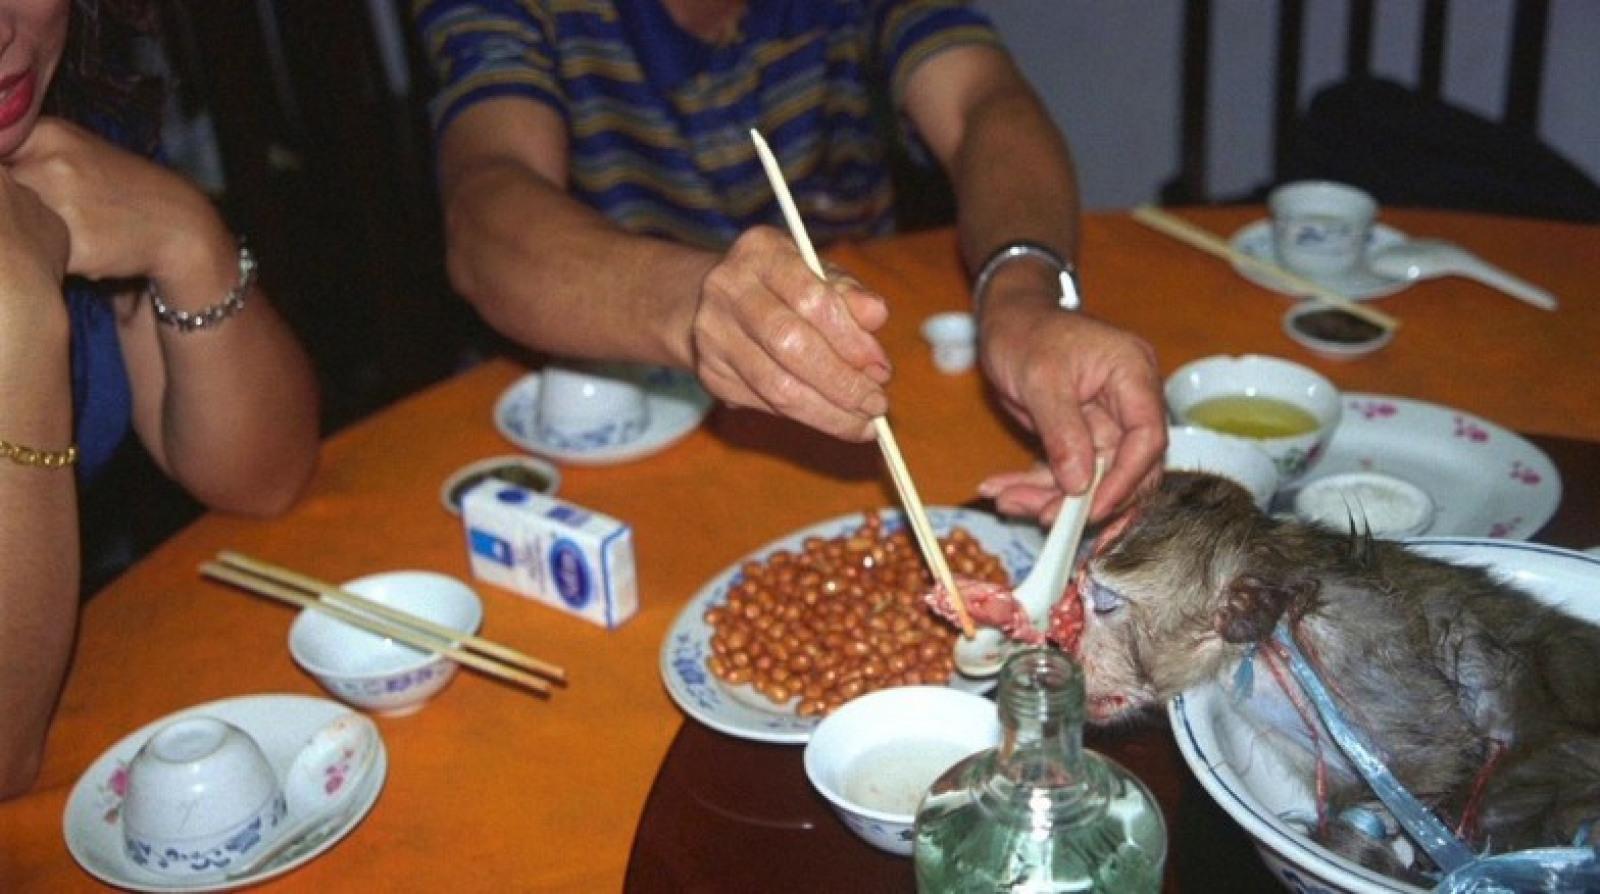 5 وجبات «سادية» آسيوية.. إنهم يأكلون الحيوانات حيّة في الصين! - ساسة بوست